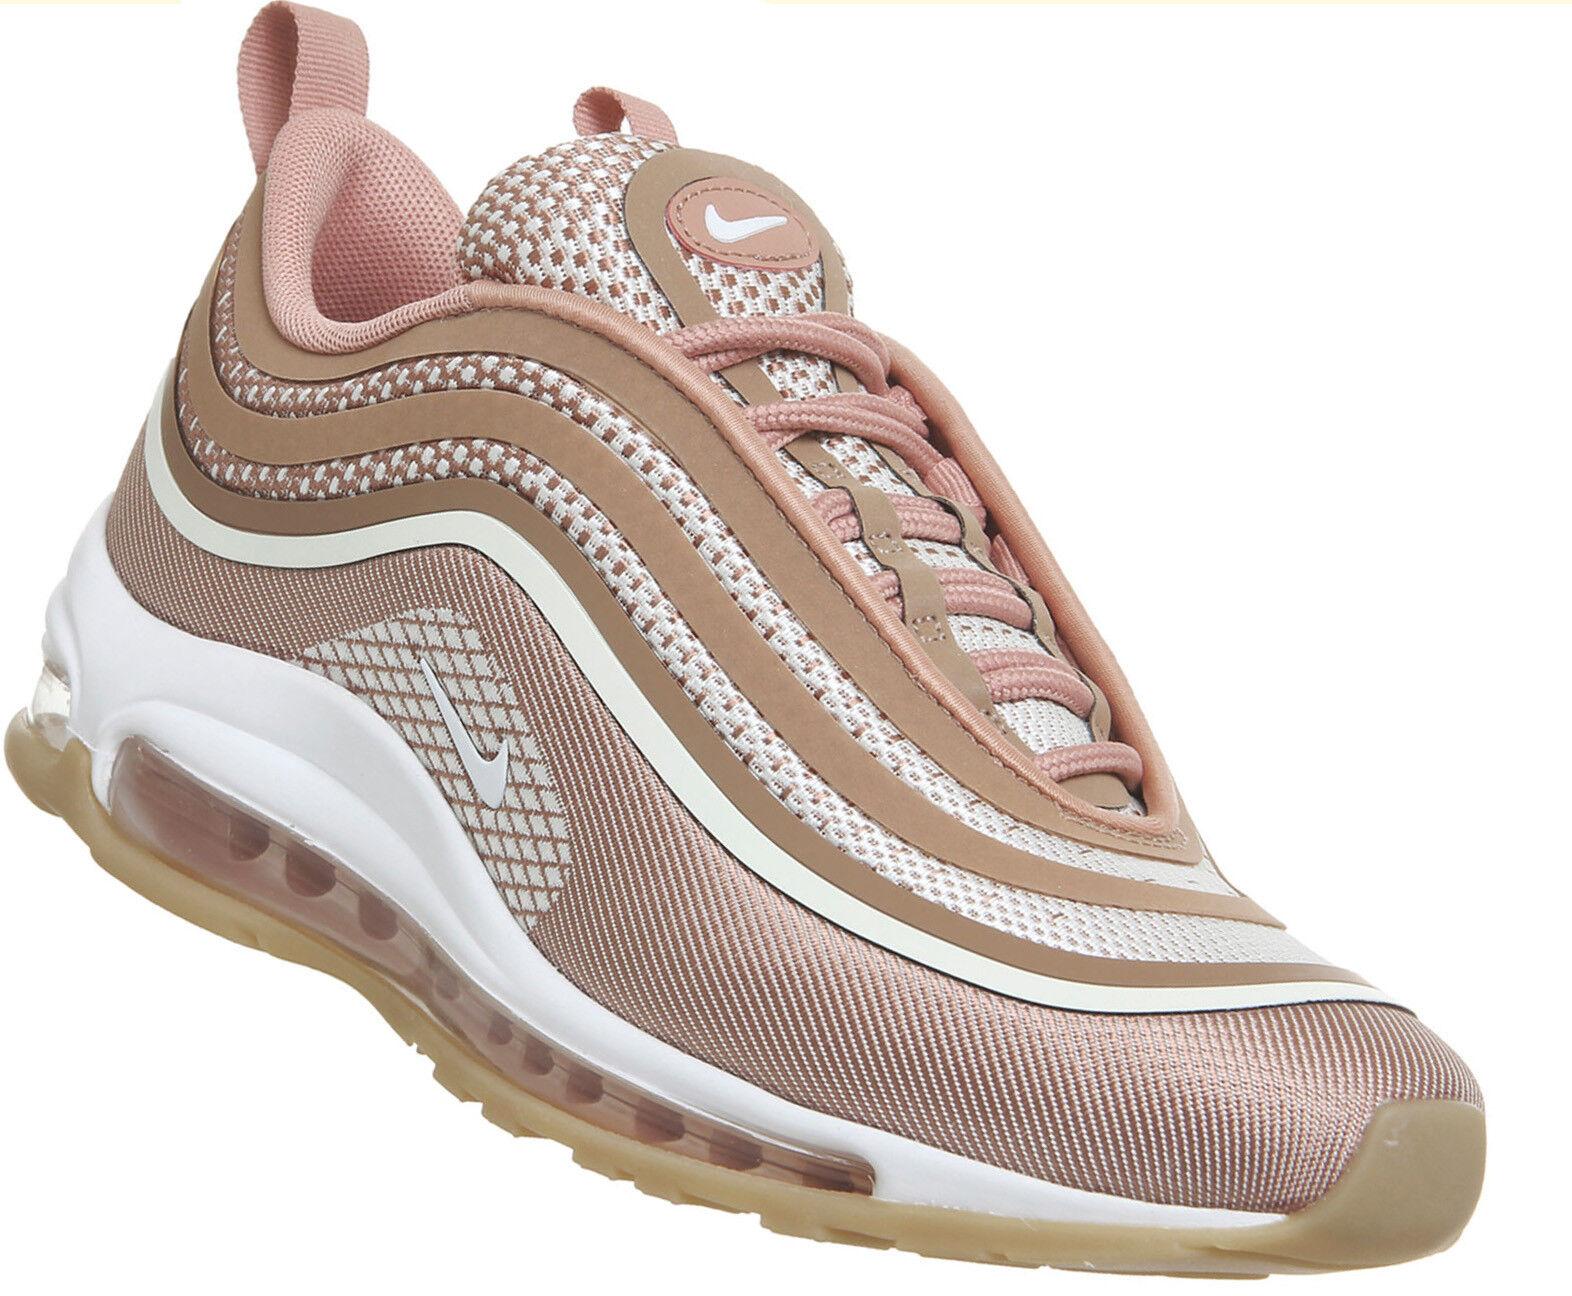 Nike AIR 97 MAX 97 AIR ULTRA Scarpe METALLIZZATO Rose oro marrone Scarpe   a10bf6